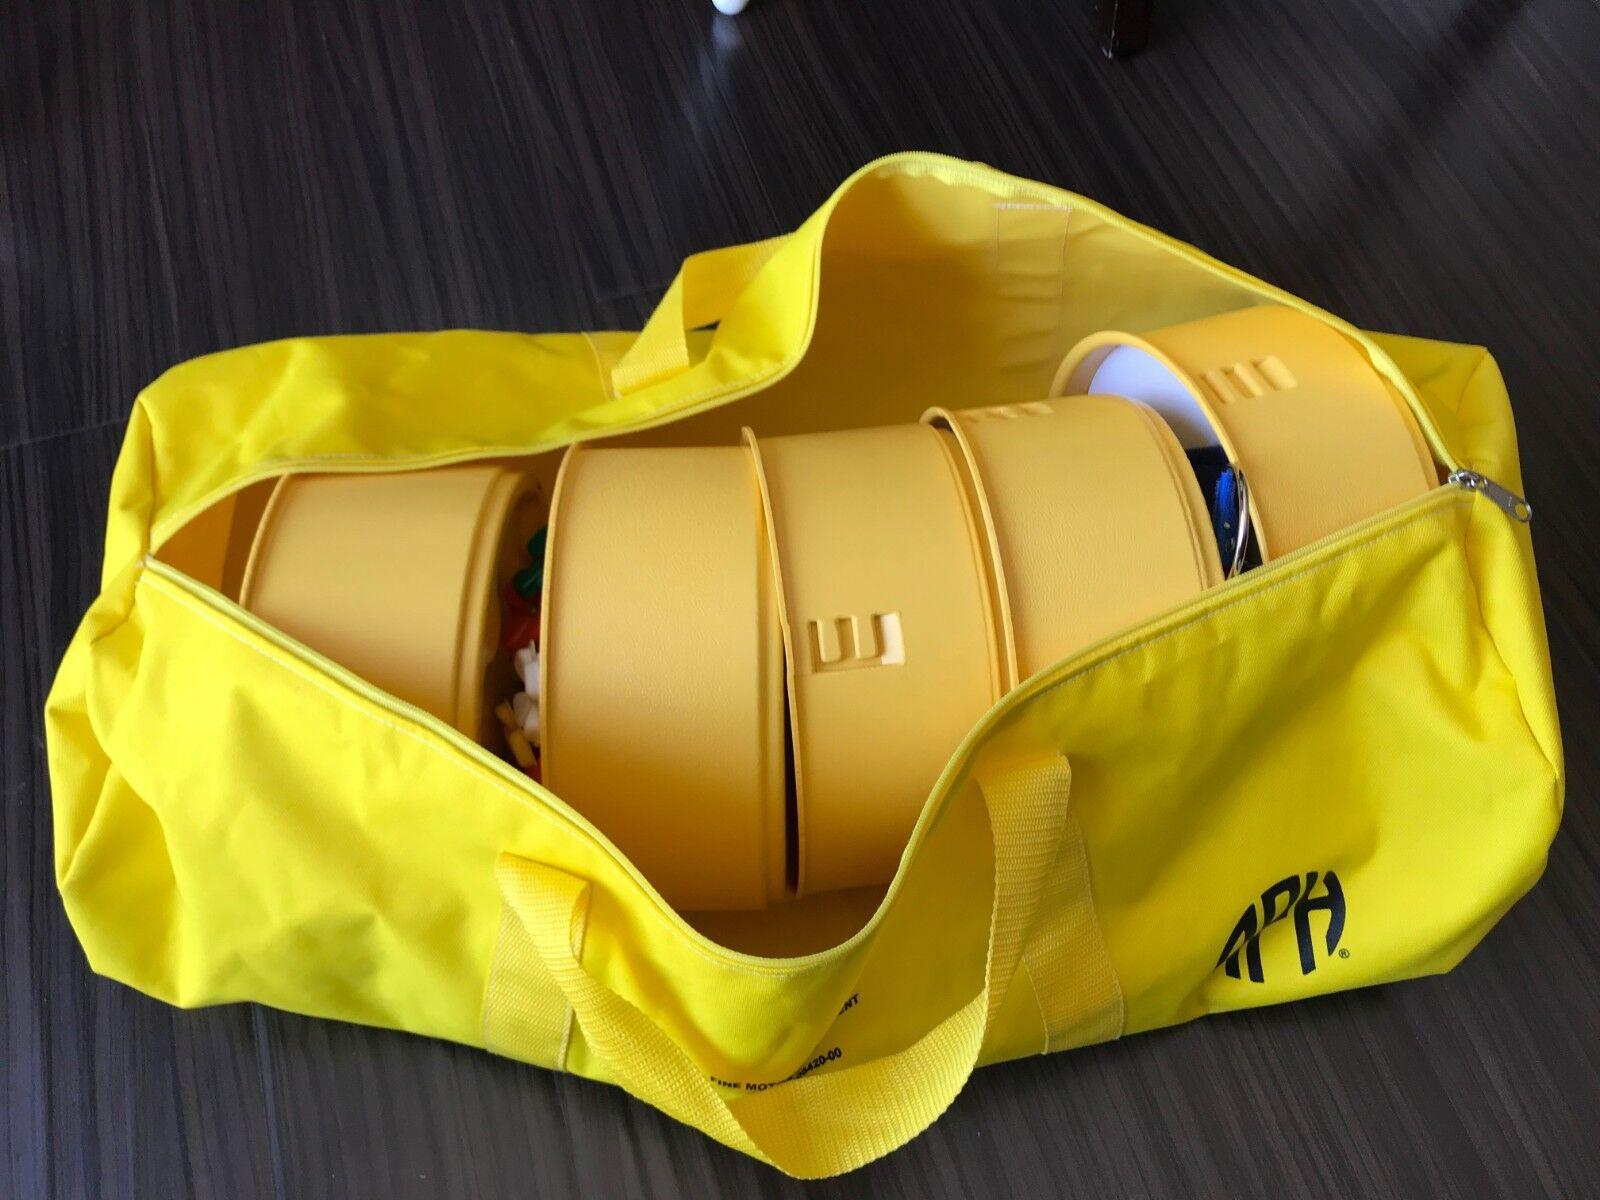 Fine Motor Development Materials Kit Kit Kit  Twist, Turn, and Learn 4ed58d